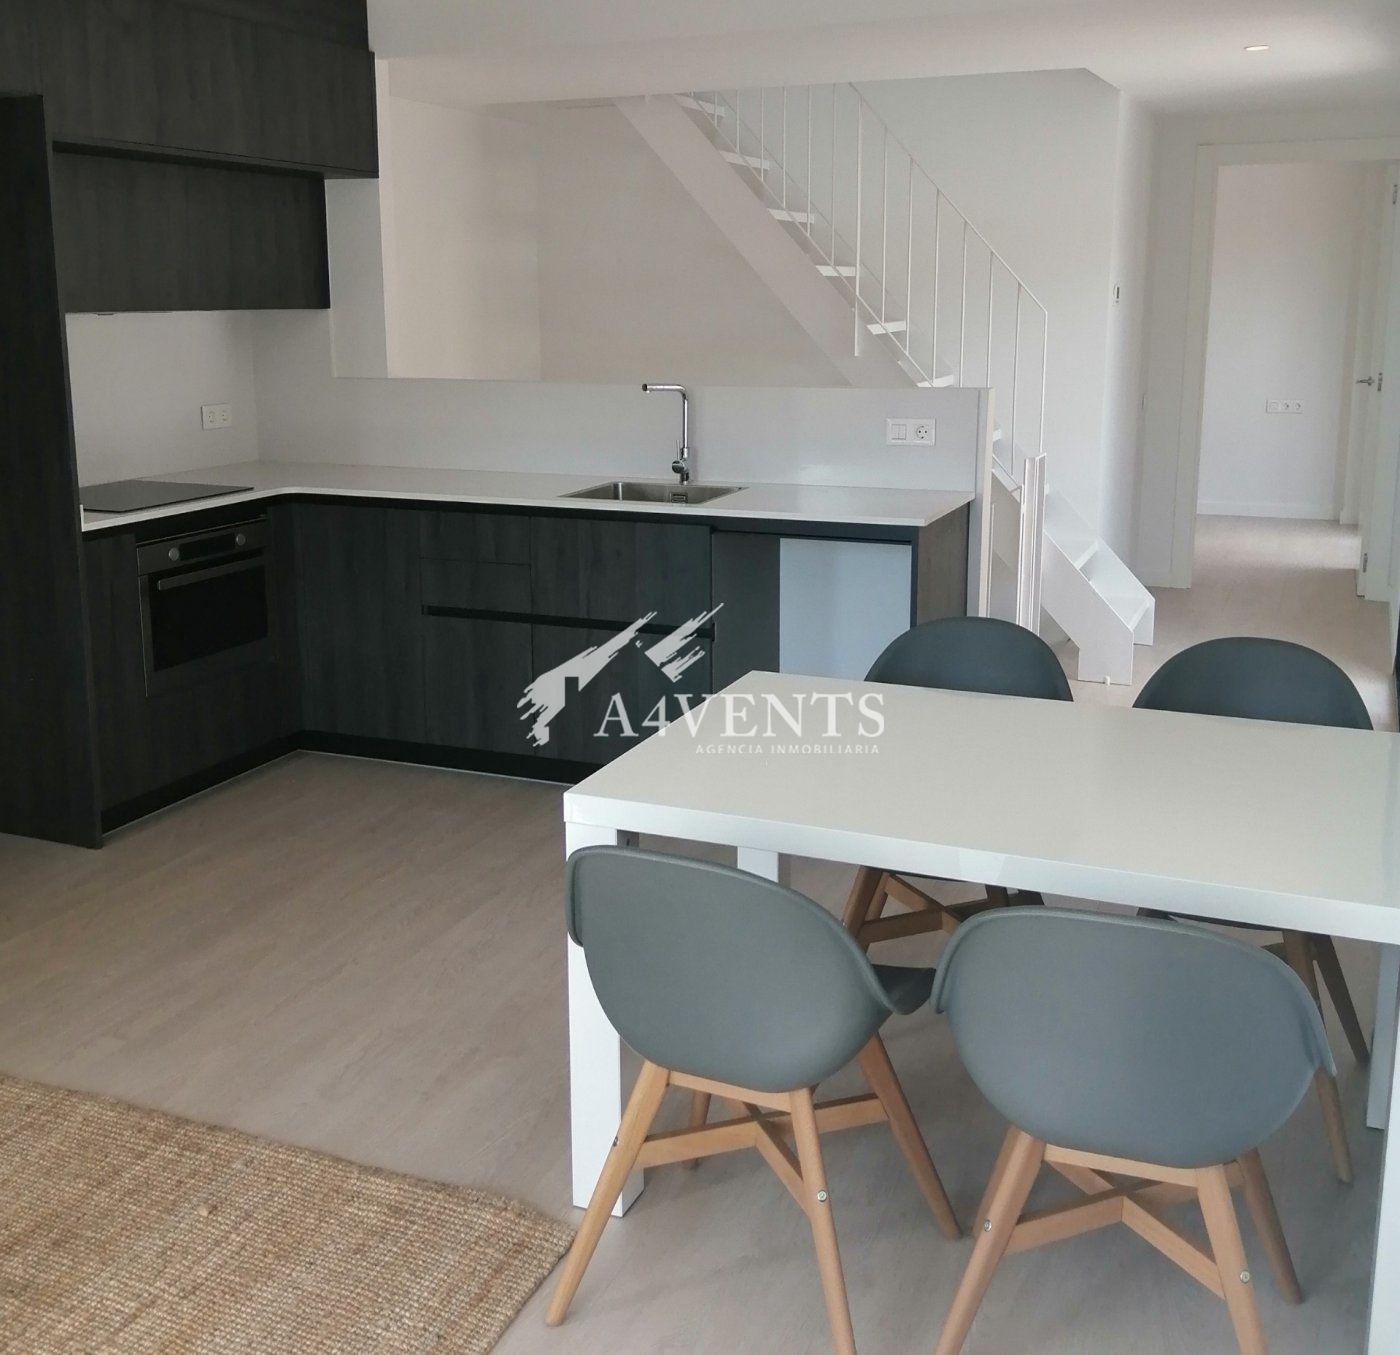 Exclusiva casa adosada de 3 plantas situada a tan solo 150 metros de la playa